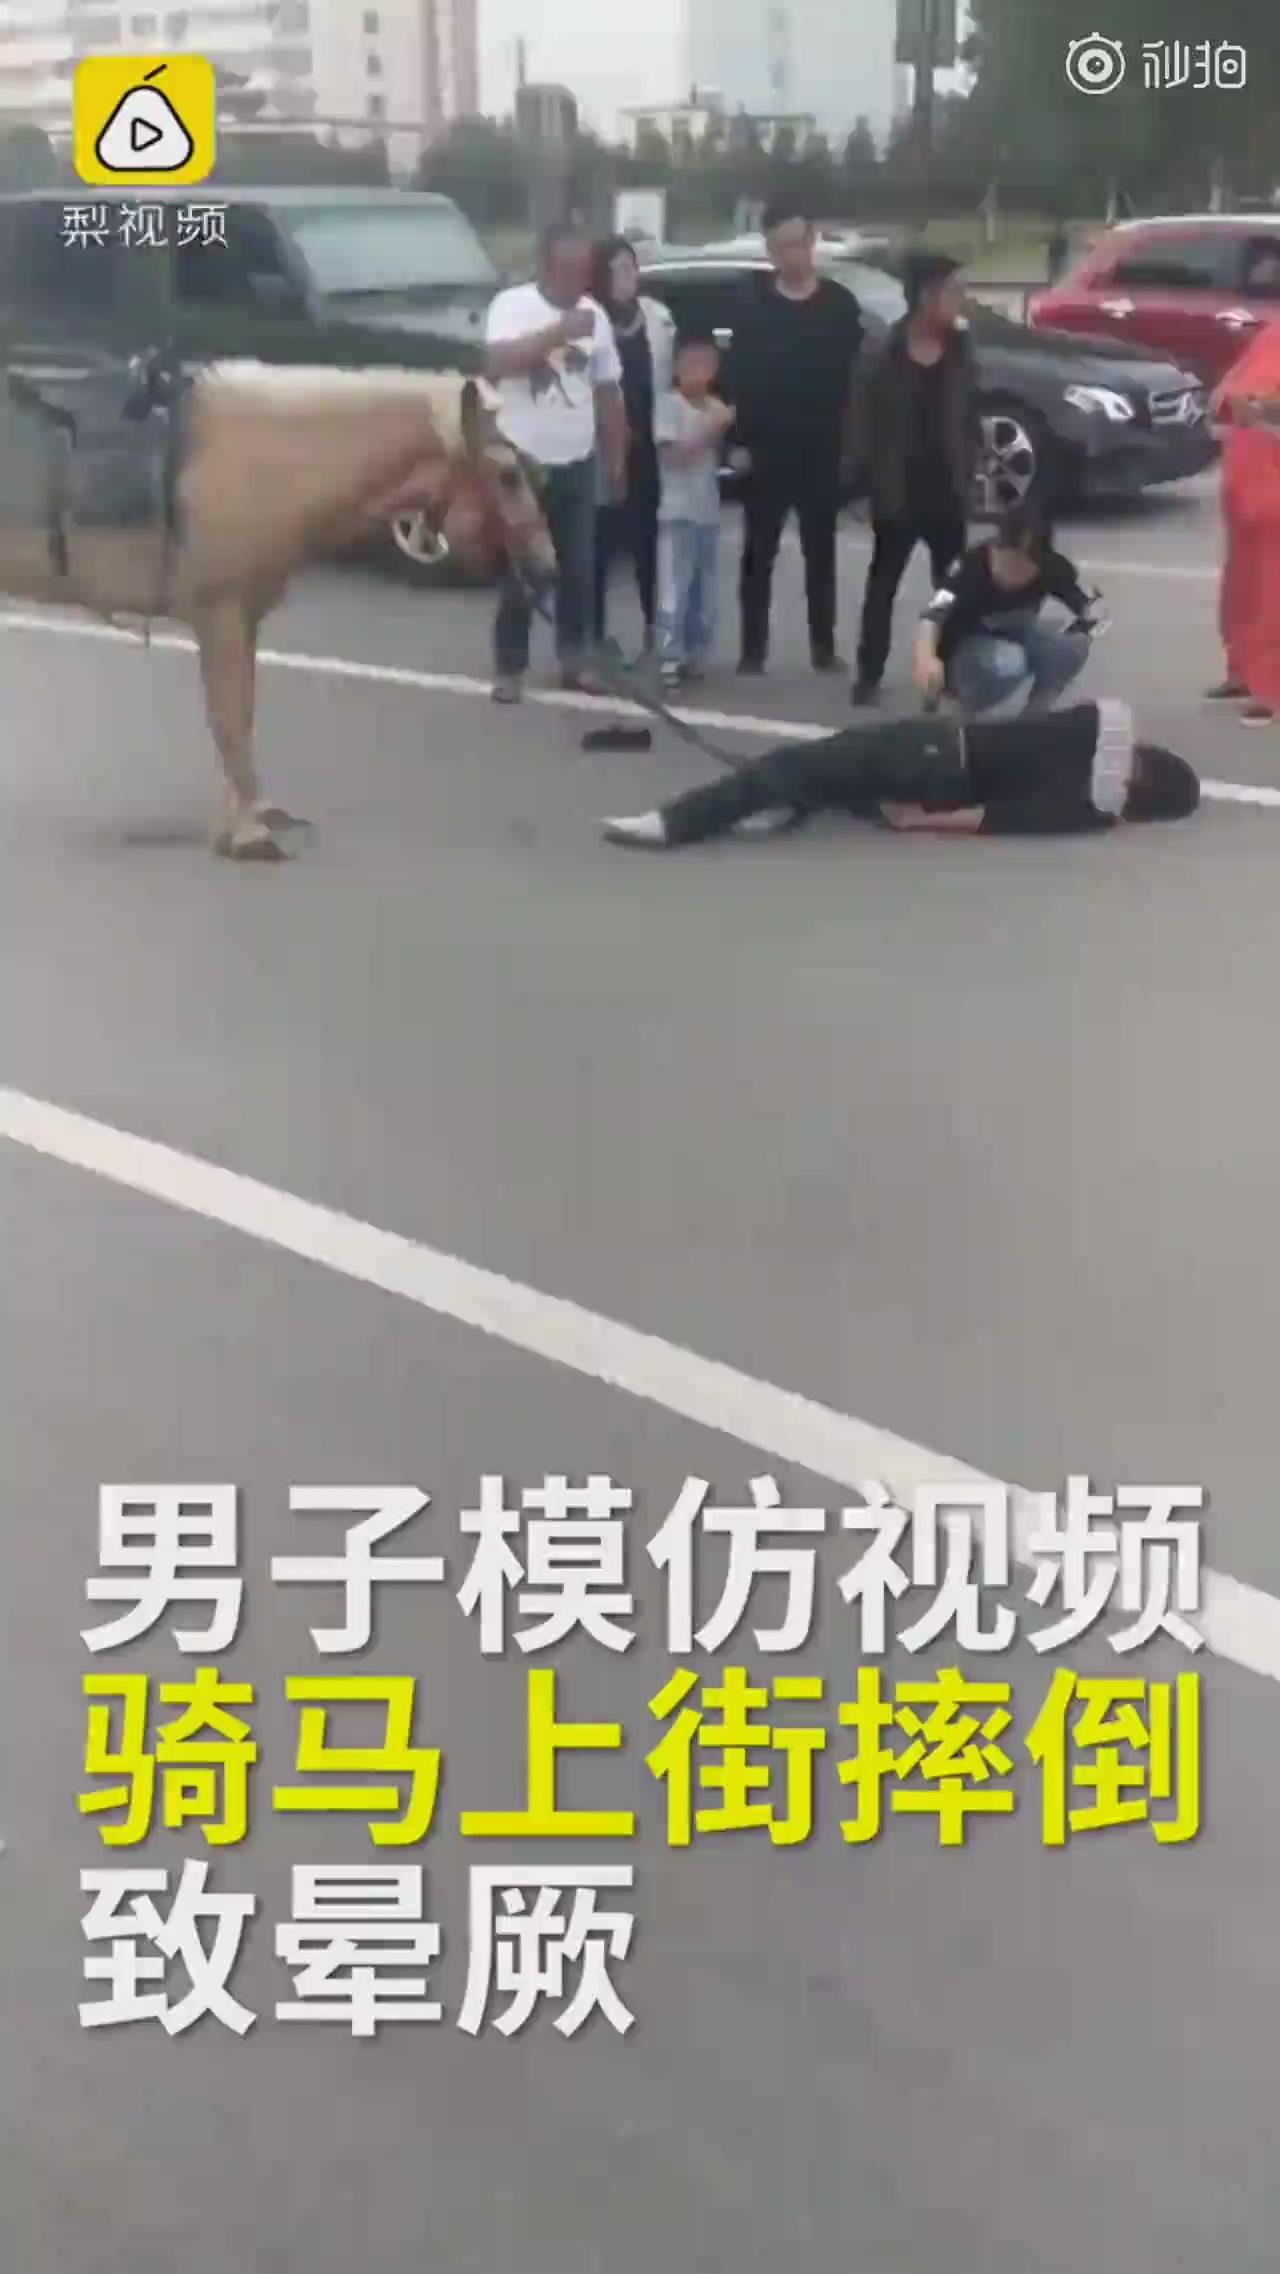 男子模仿网红视频,骑马飞奔摔惨了